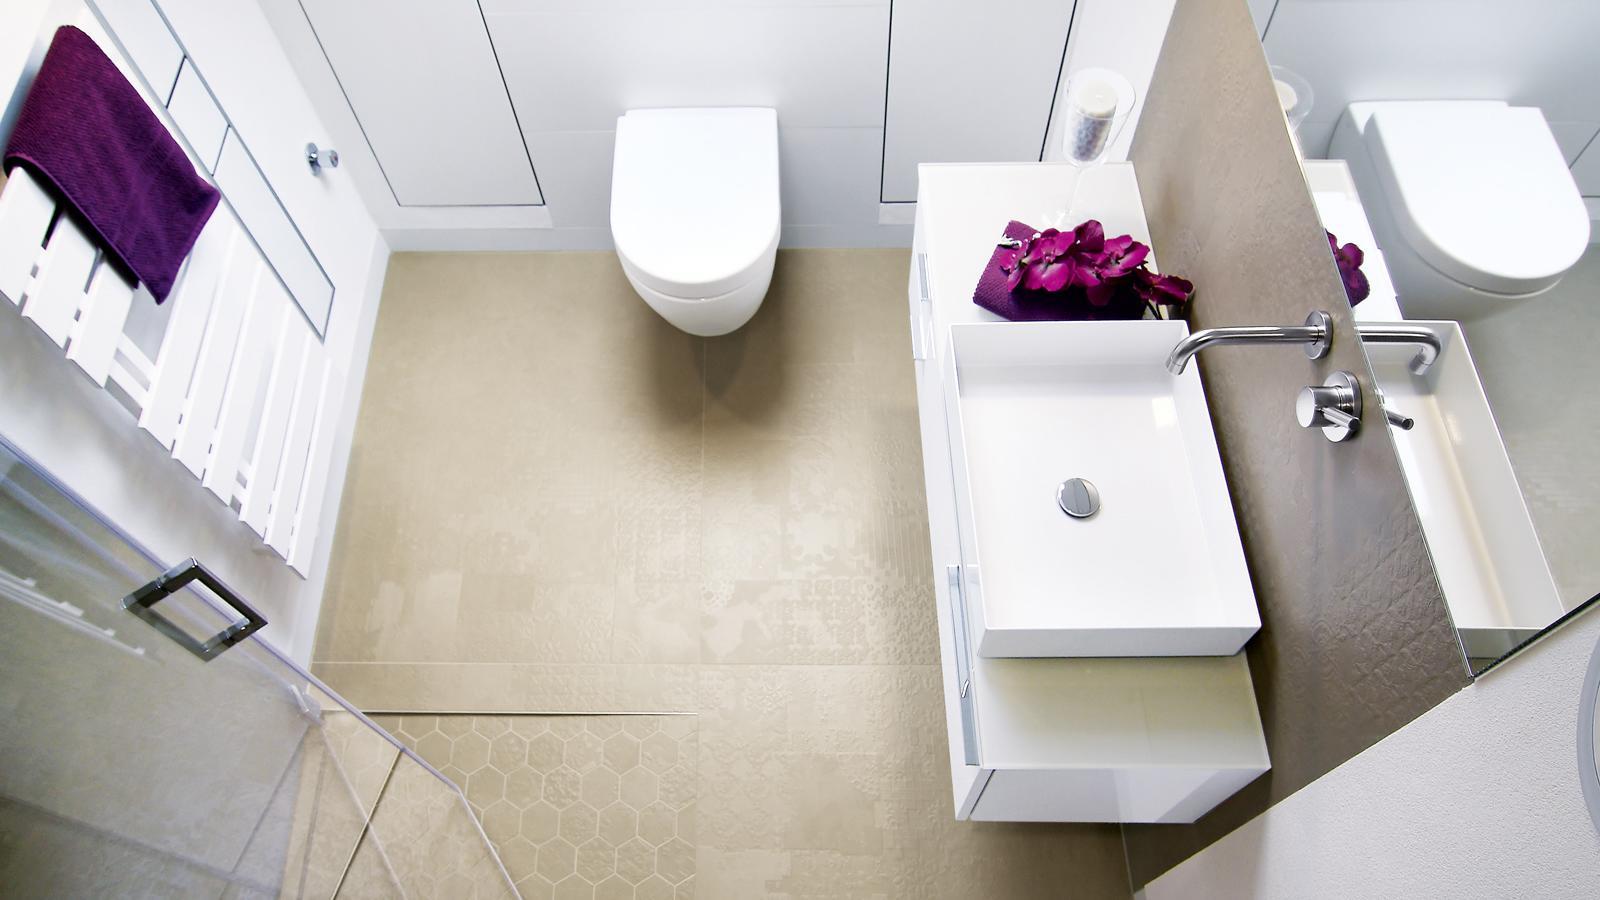 Sie Möchten Ihr Badezimmer Sanieren, Renovieren Oder Umbauen? Ihr Badumbau  Soll Möglichst Wenig Arbeit Machen? Wir Planen Und Gestalten Ihr Bad Neu  Und ...